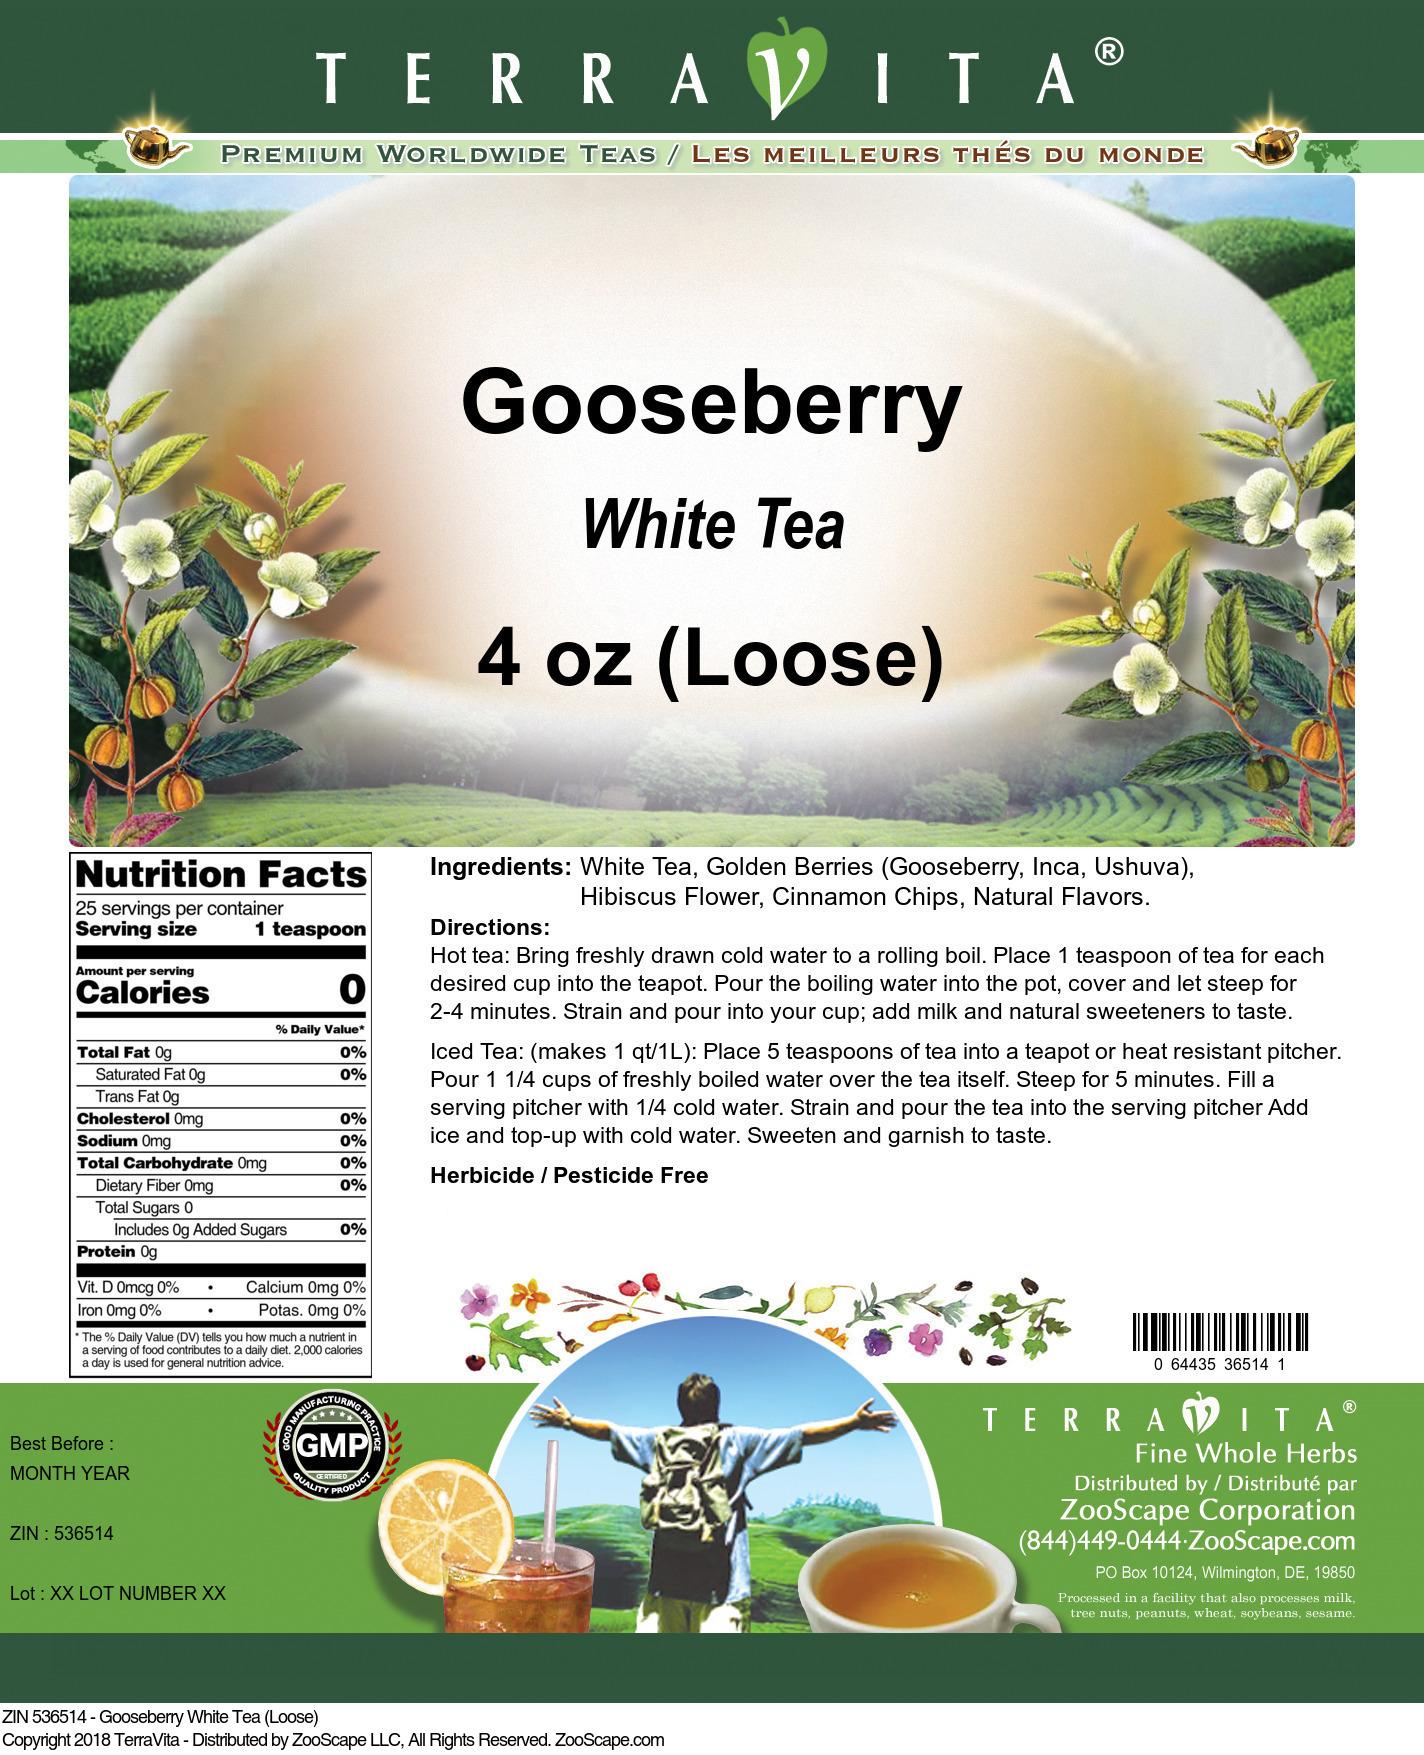 Gooseberry White Tea